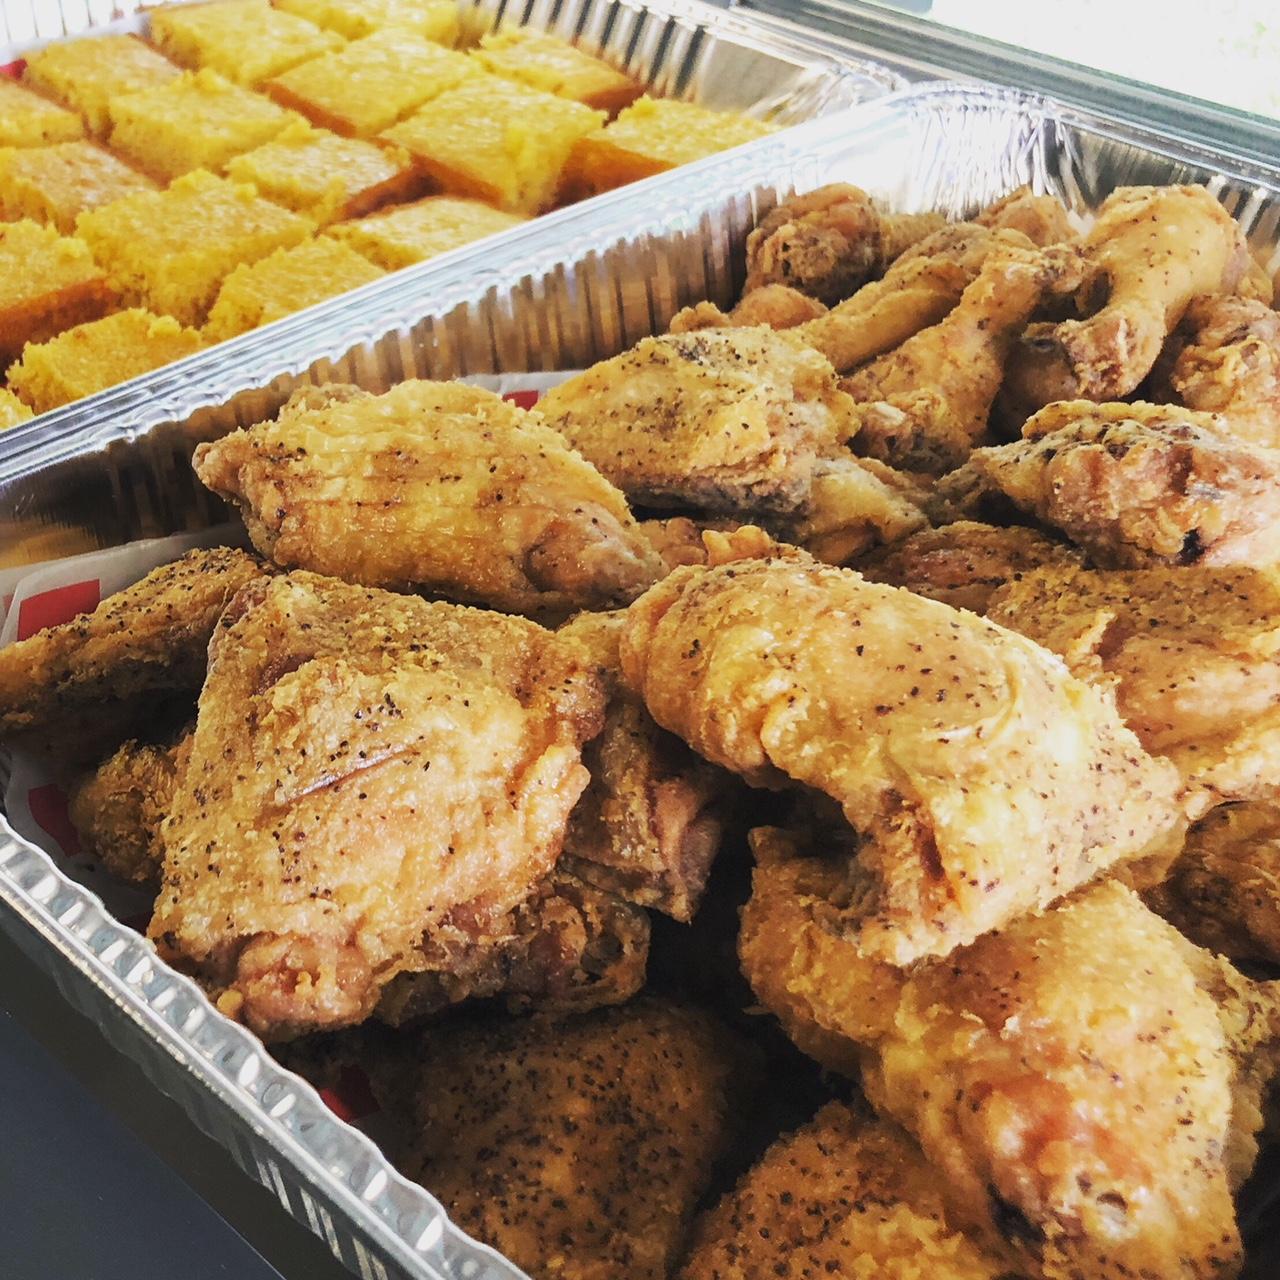 fried chicken catering 4.JPG